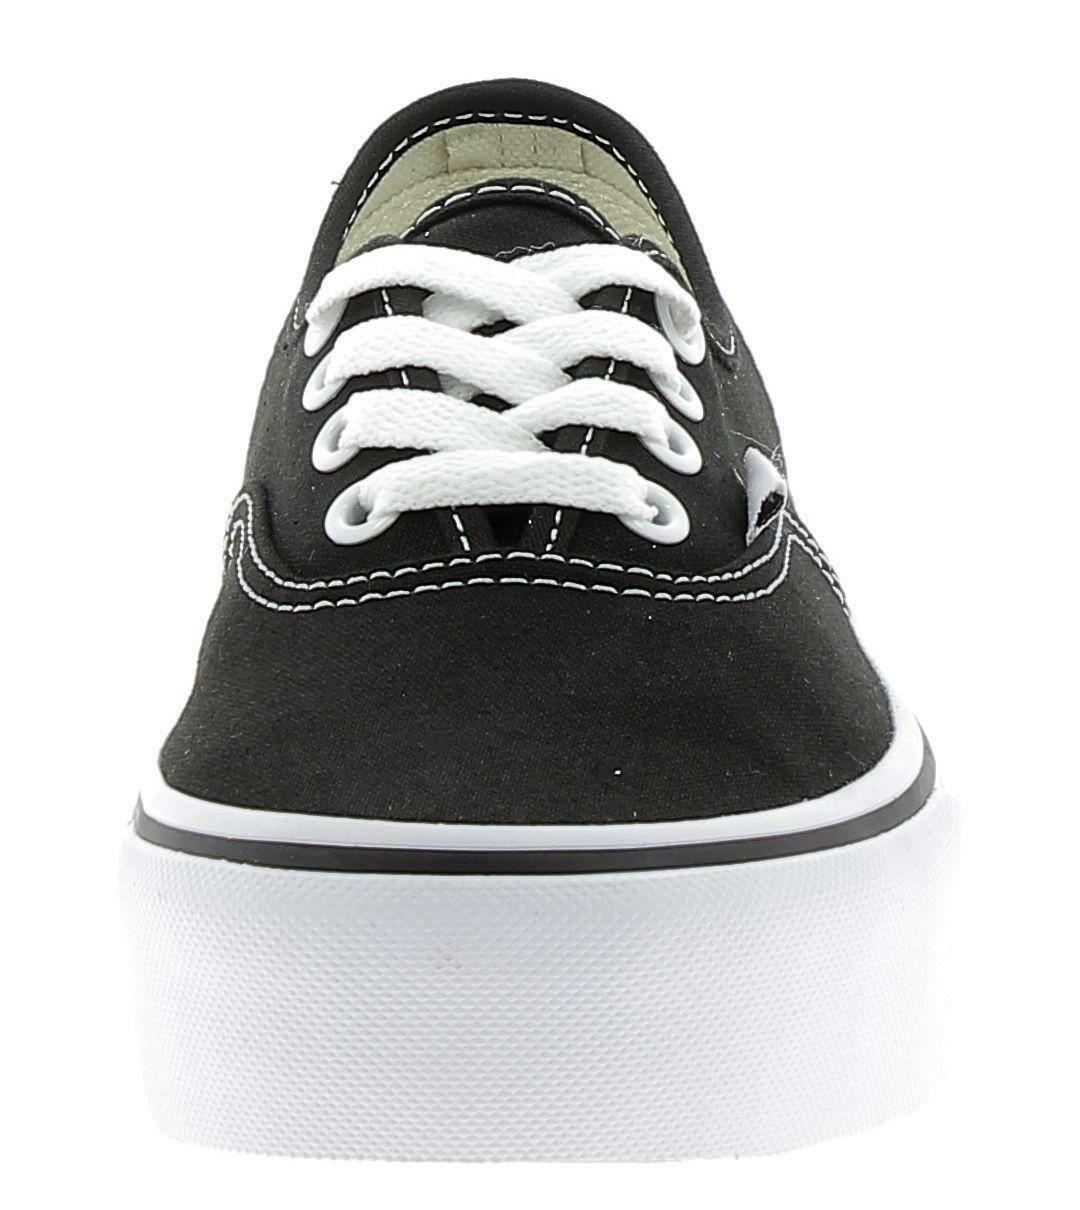 vans vans authentic platfor scarpe sportive donna nere vna3av8blk1